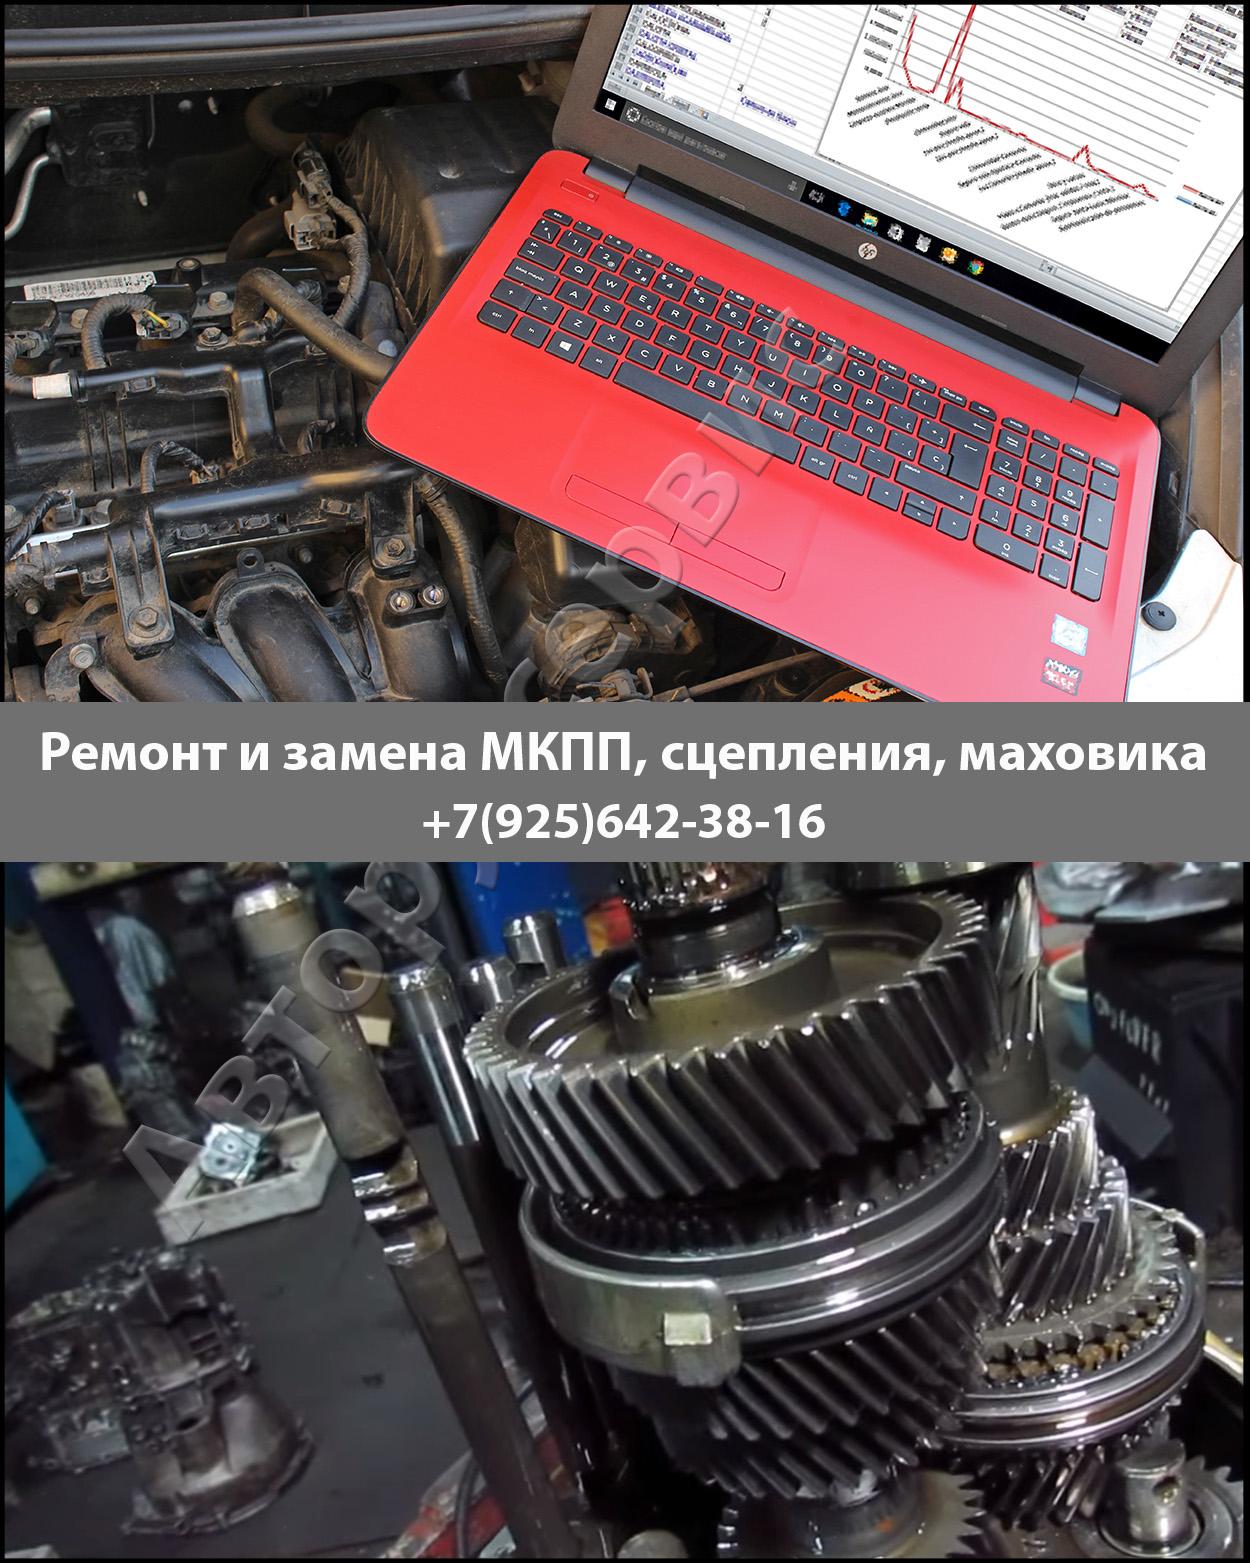 Поломка МКПП